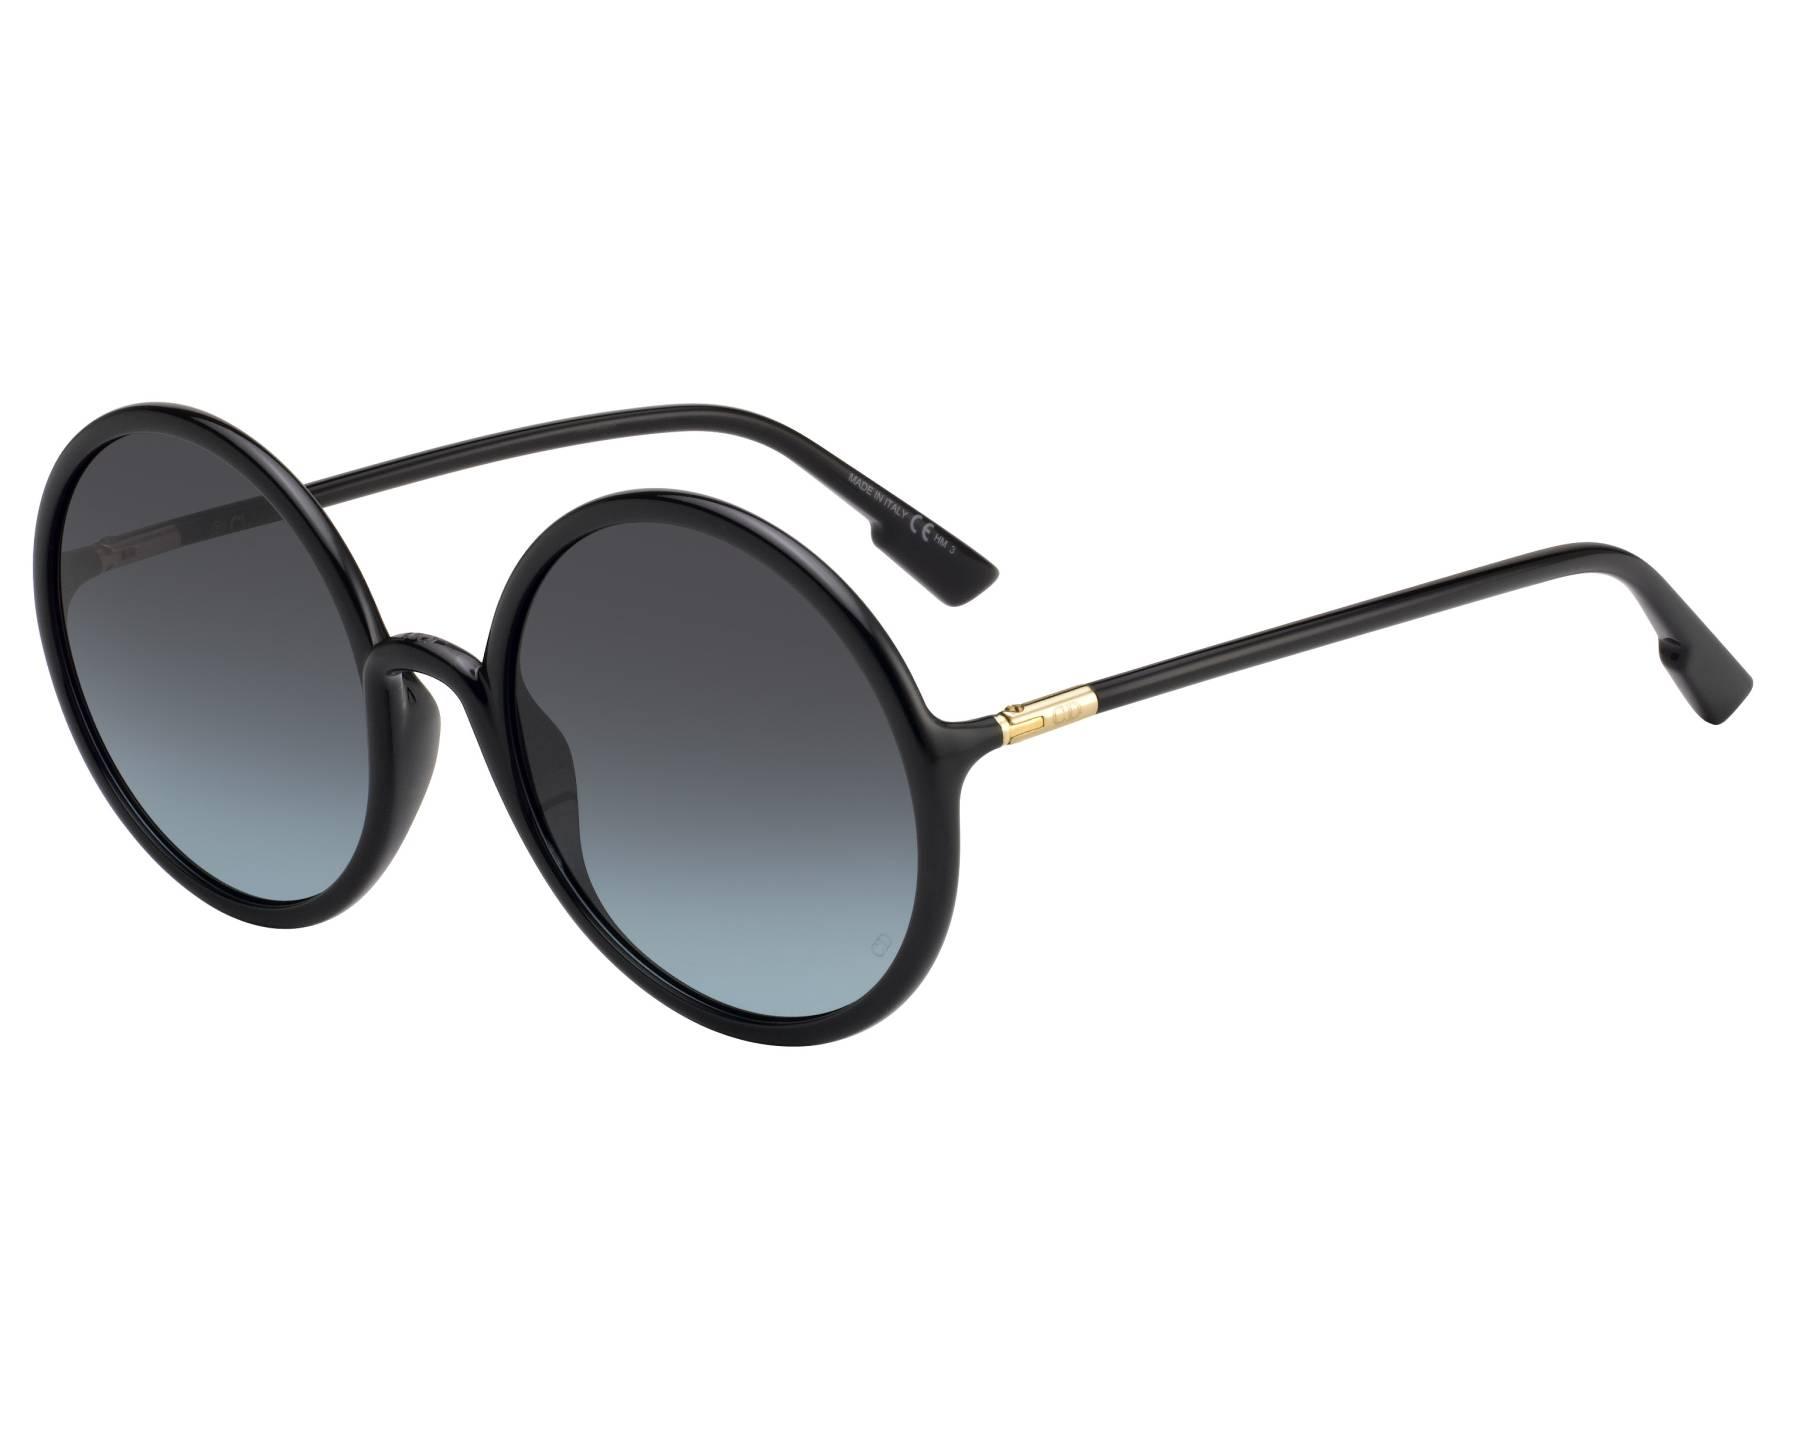 Óculos de Sol Dior Preto/Cinza Escuro DIORSOSTELLAIRE3 - 807/1I/59